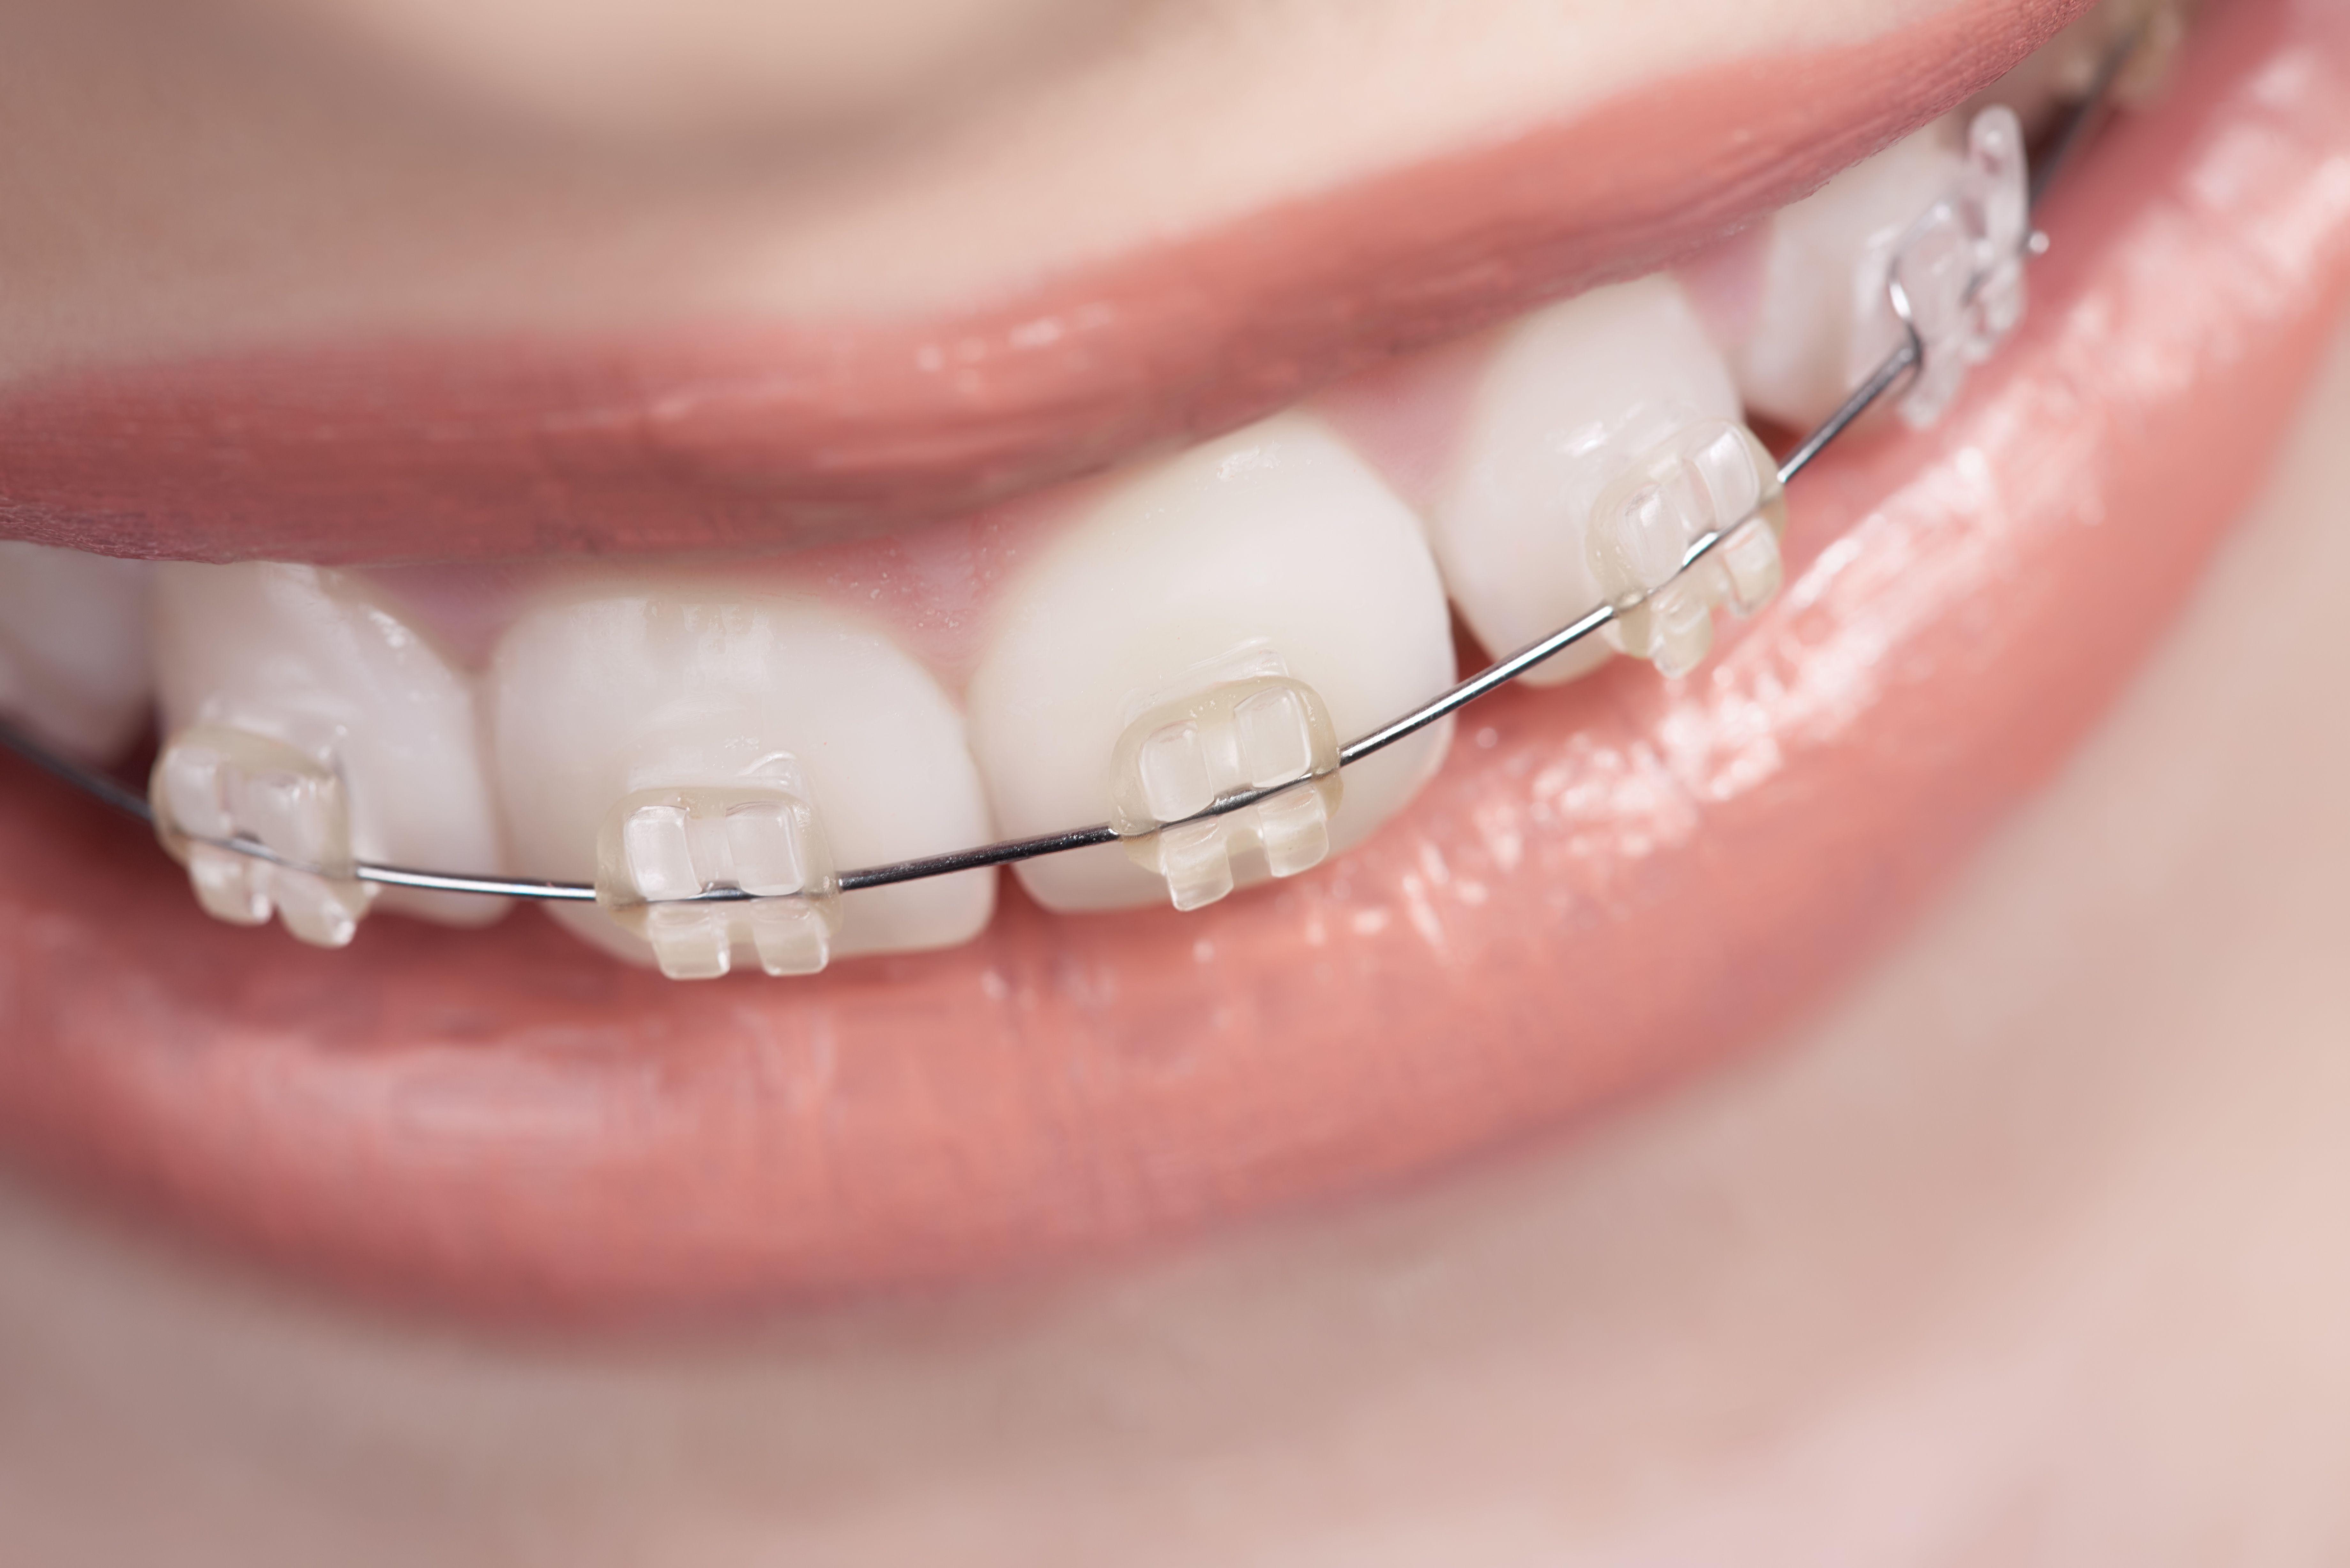 Tratamientos de ortodoncia en niños y adultos: Servicios  de Clínica Dental Sanclemente